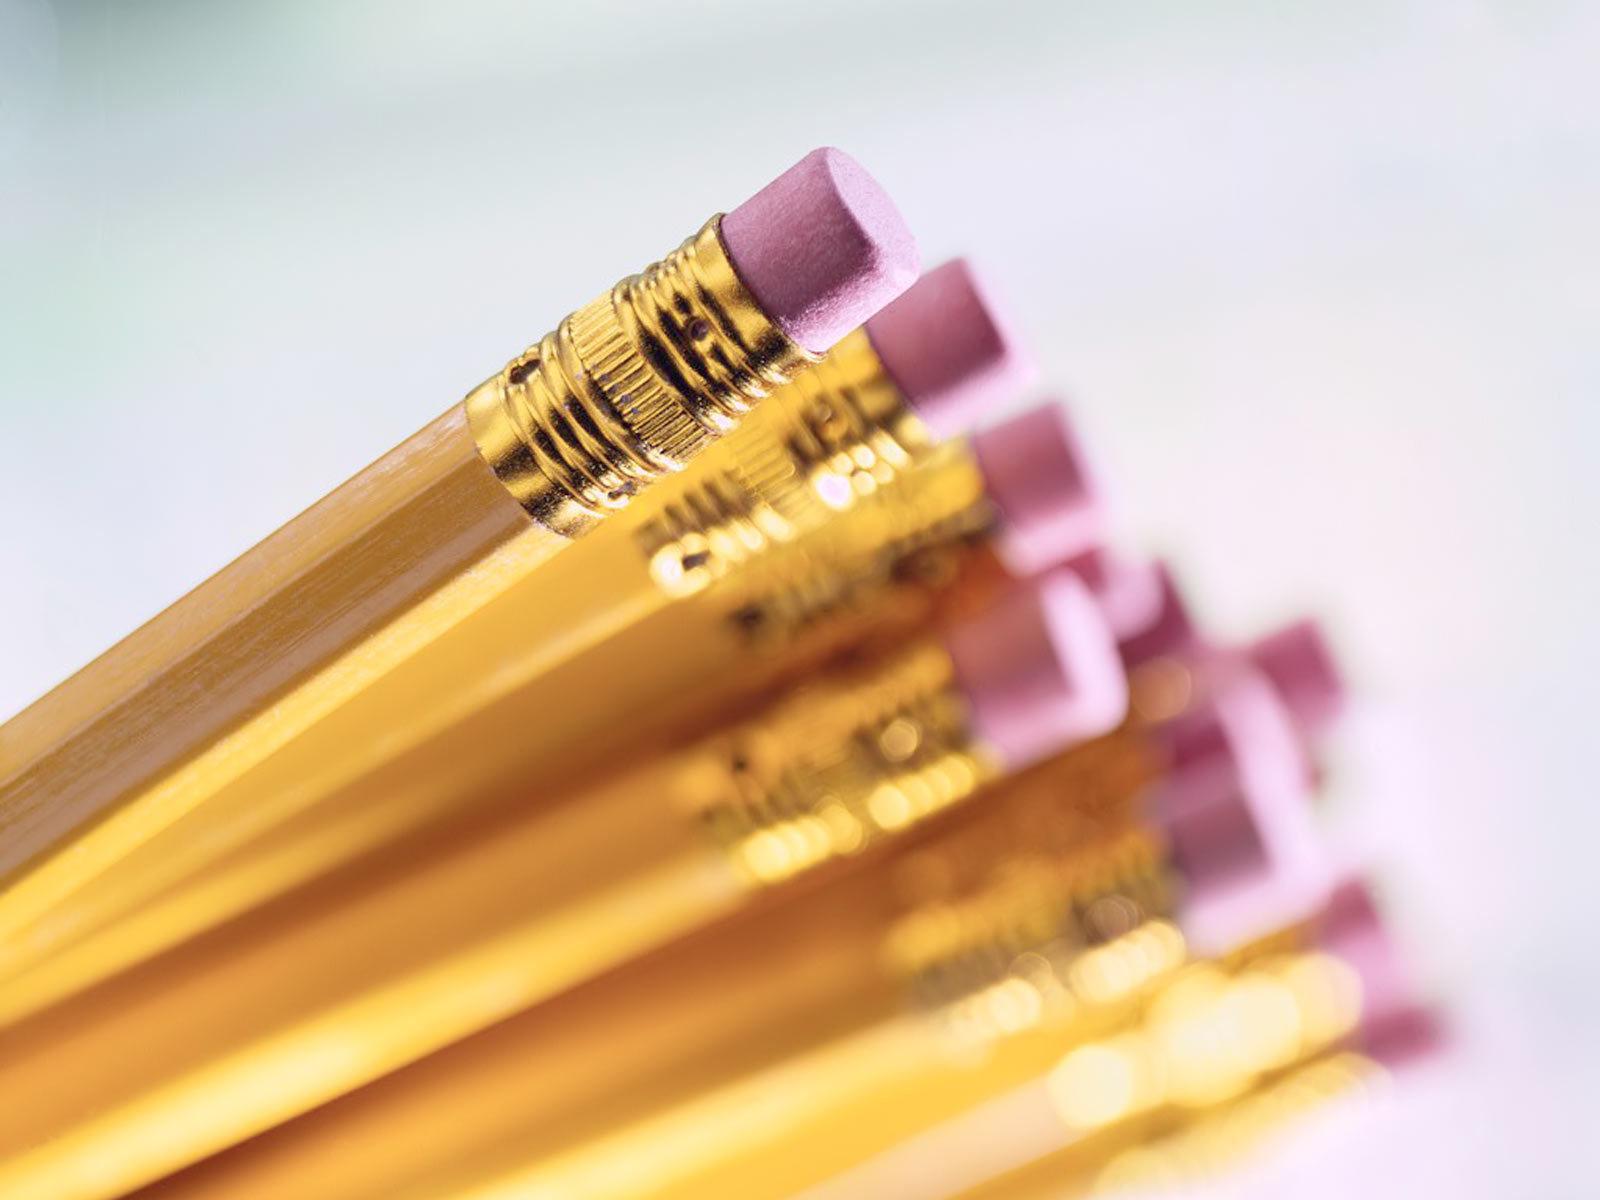 Pencils images Pencils Wallpaper HD wallpaper and ...